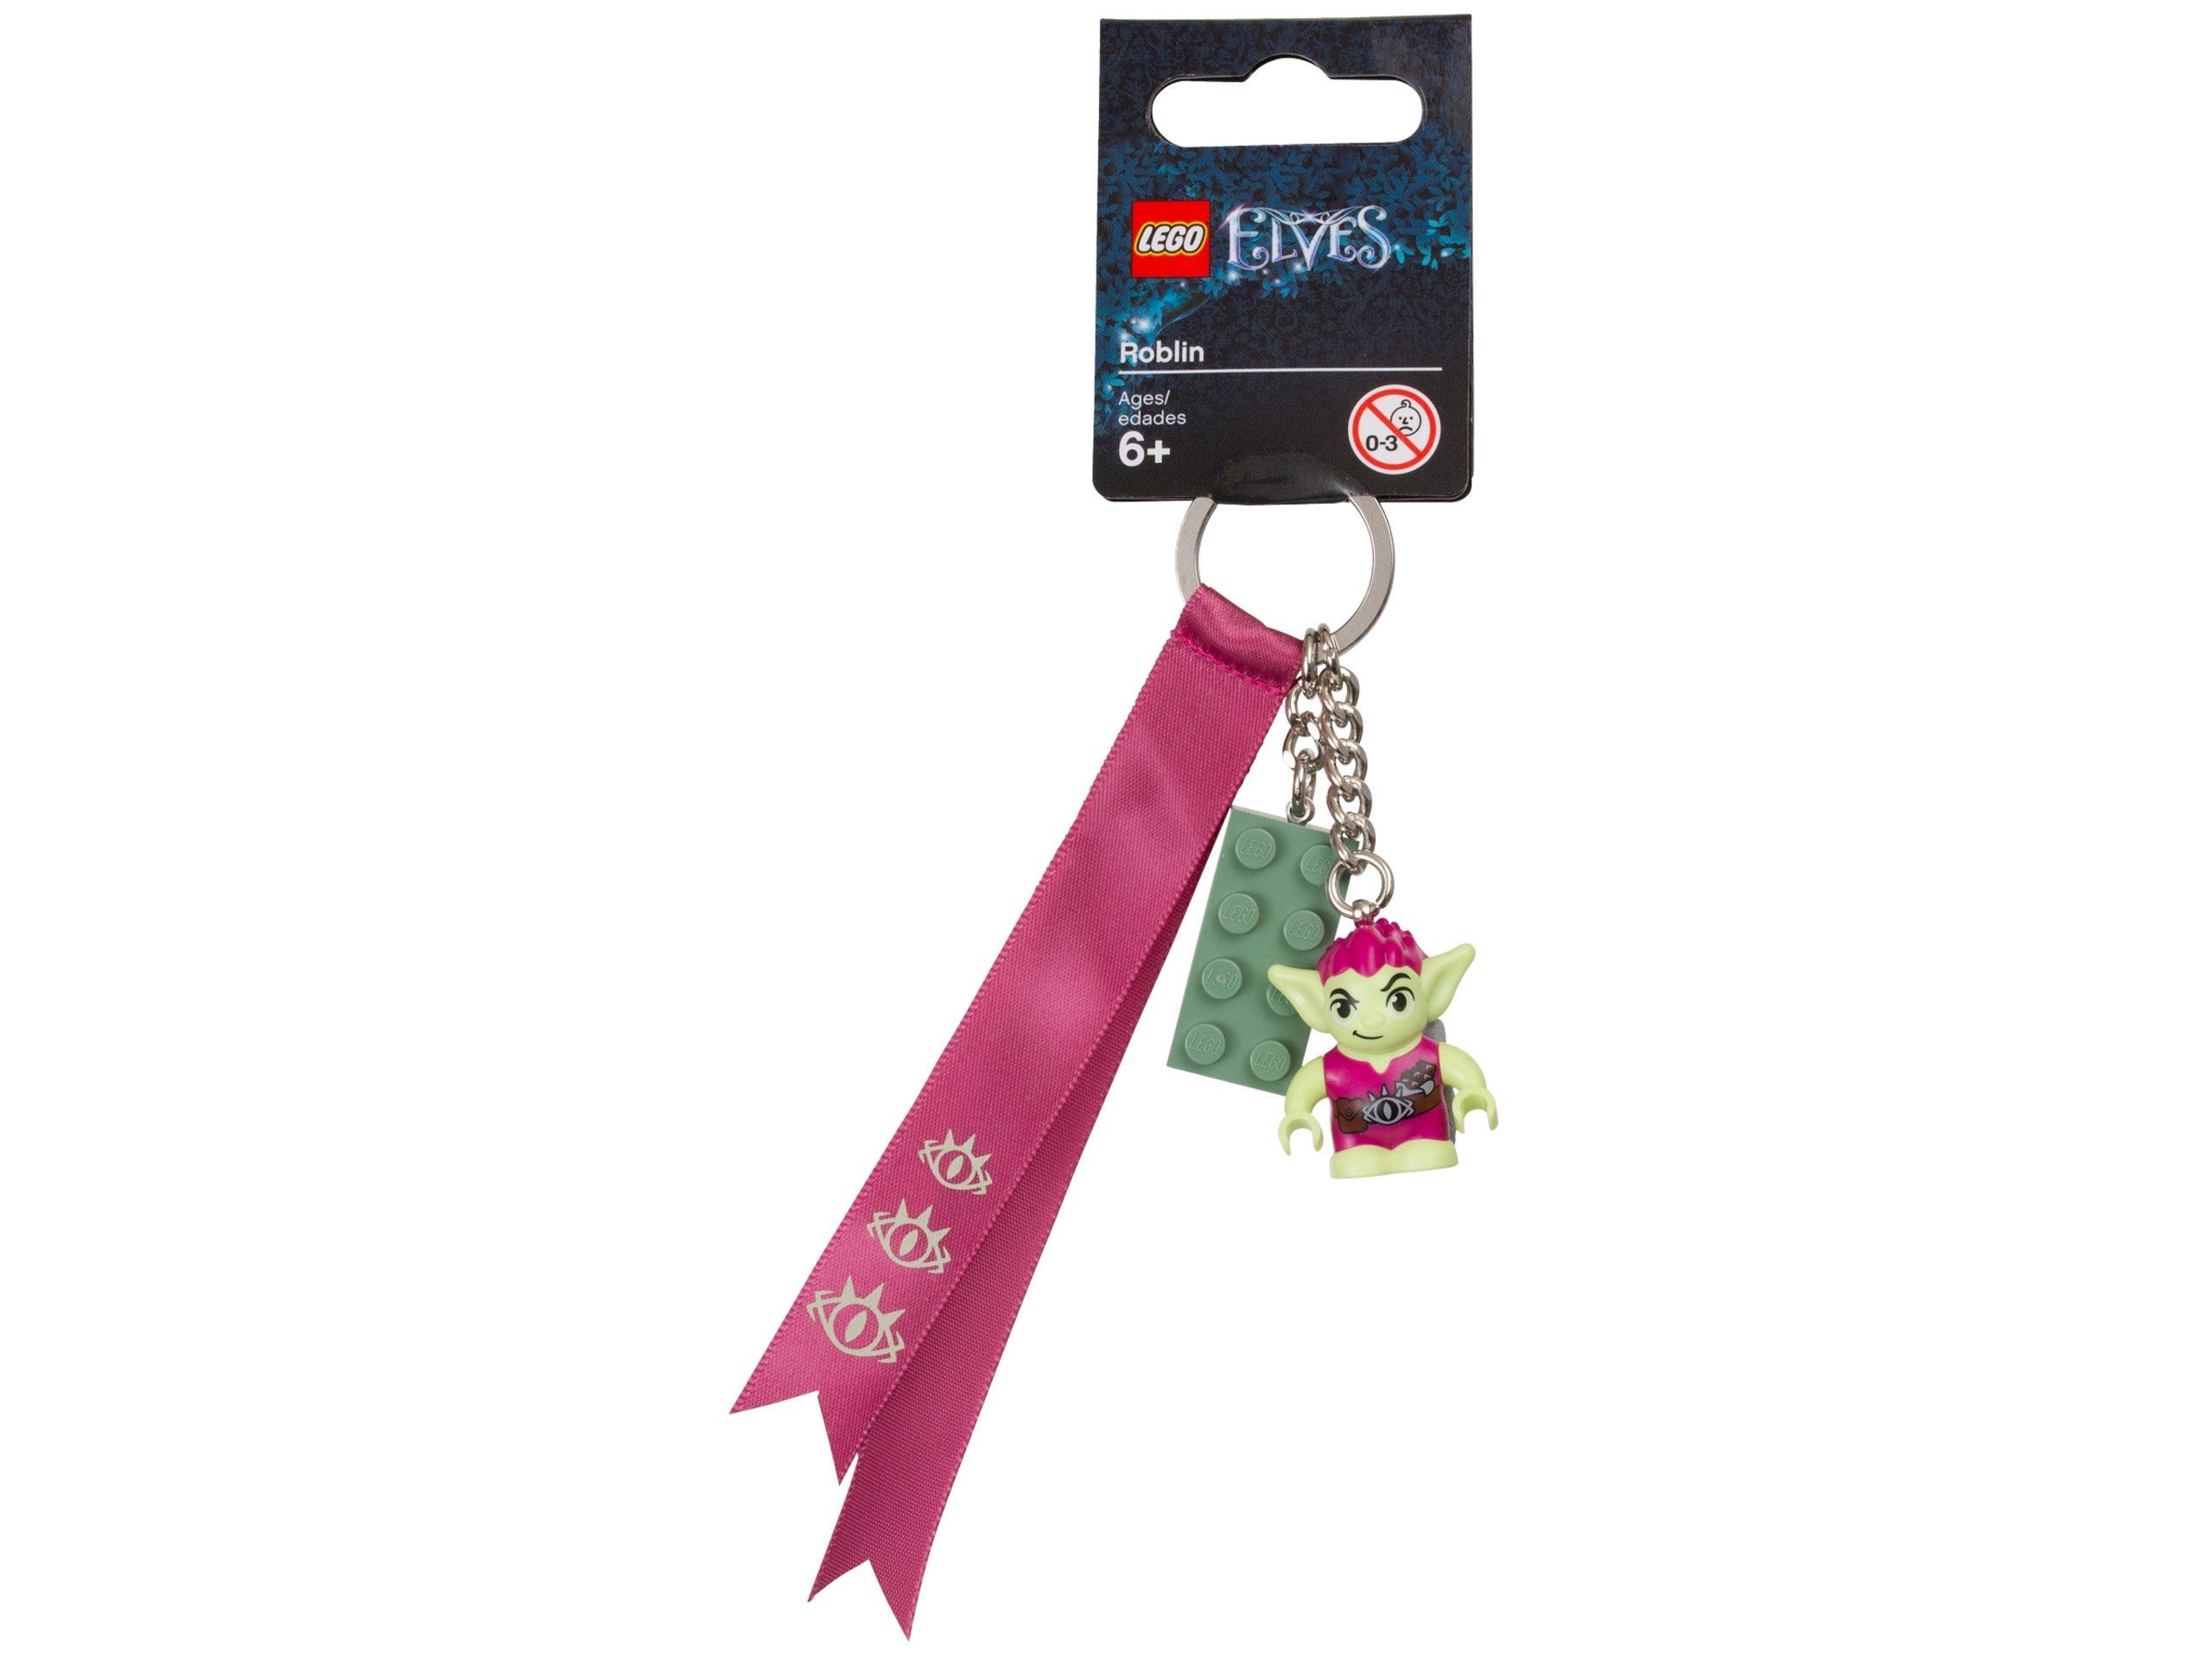 lego 853648 elves roblin bag charm scaled